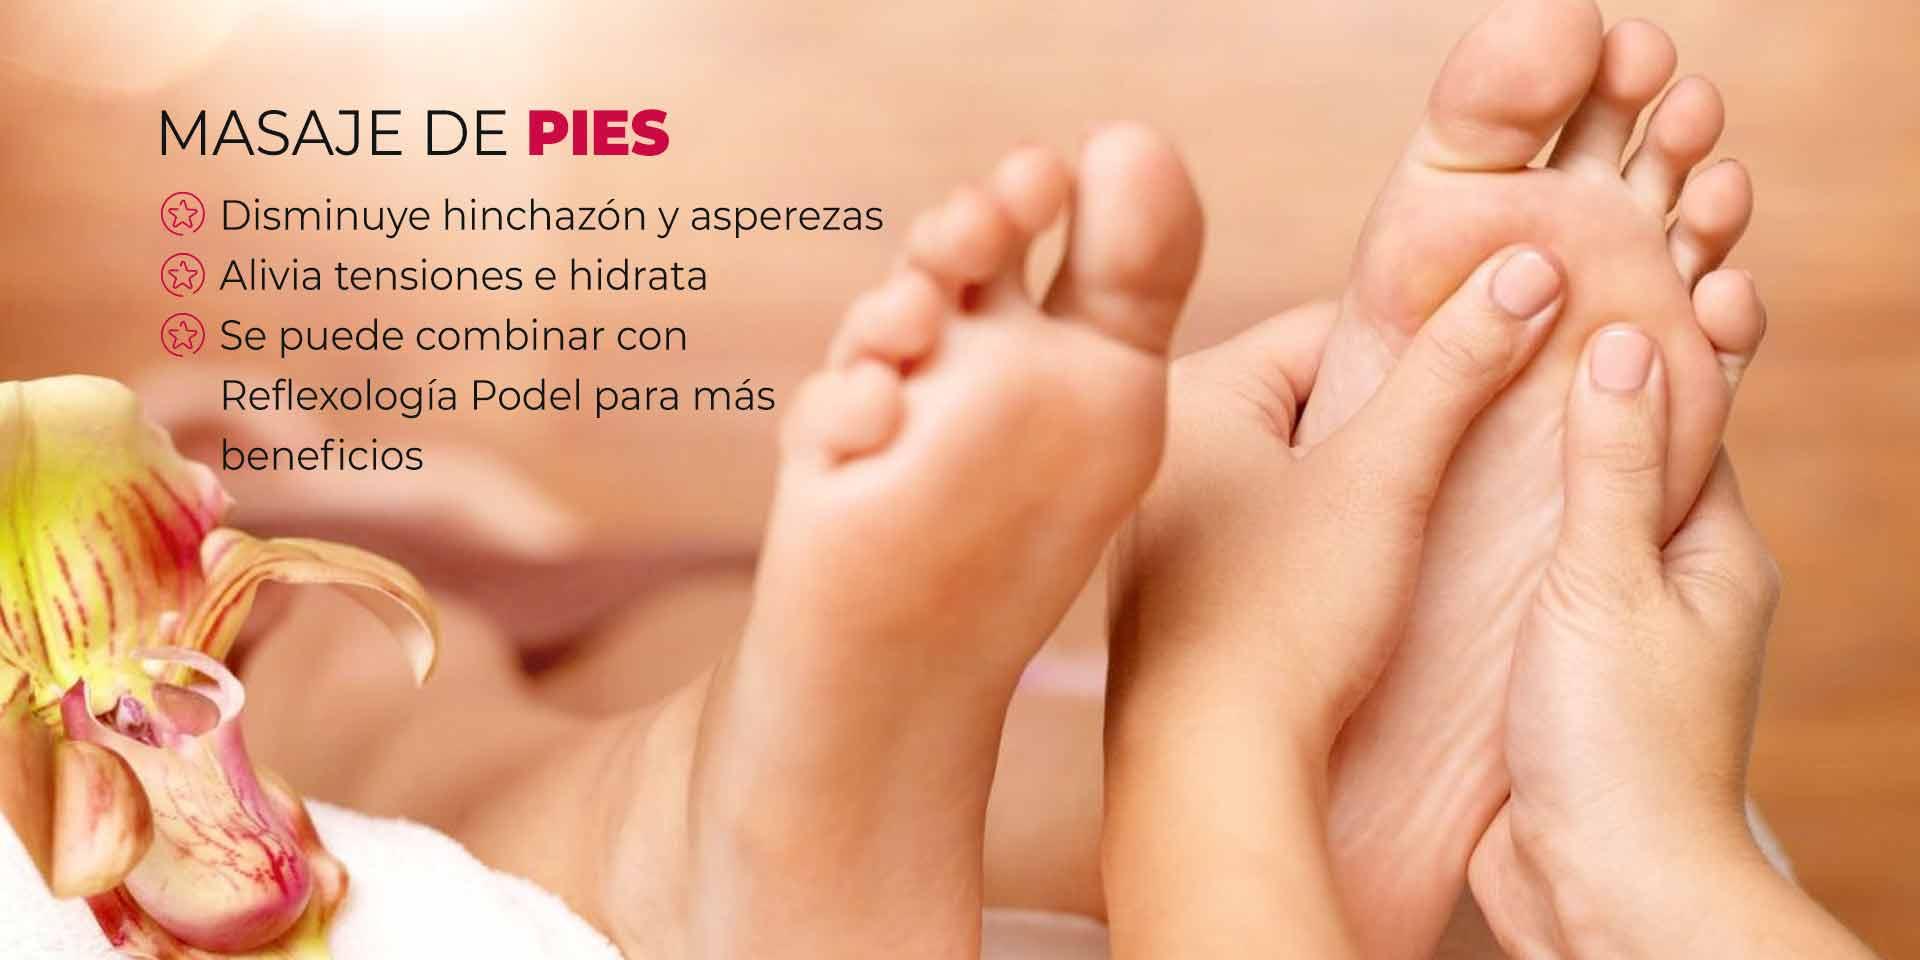 masaje de pies en CDMX